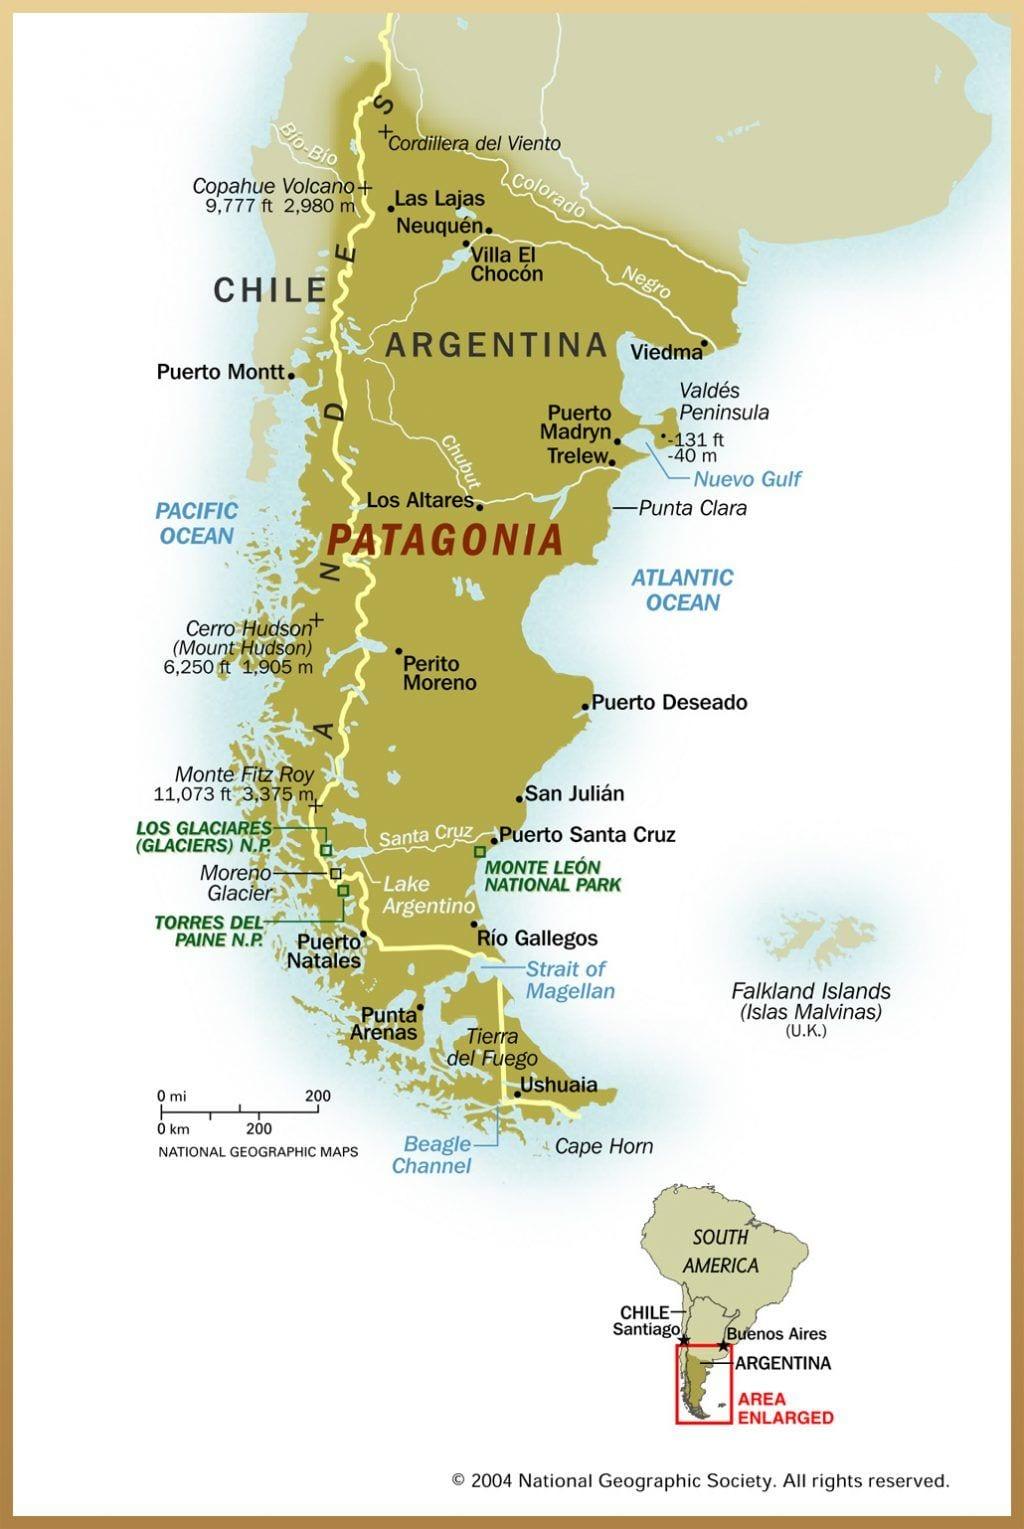 Argentina Chile kort over patagonien - rejser